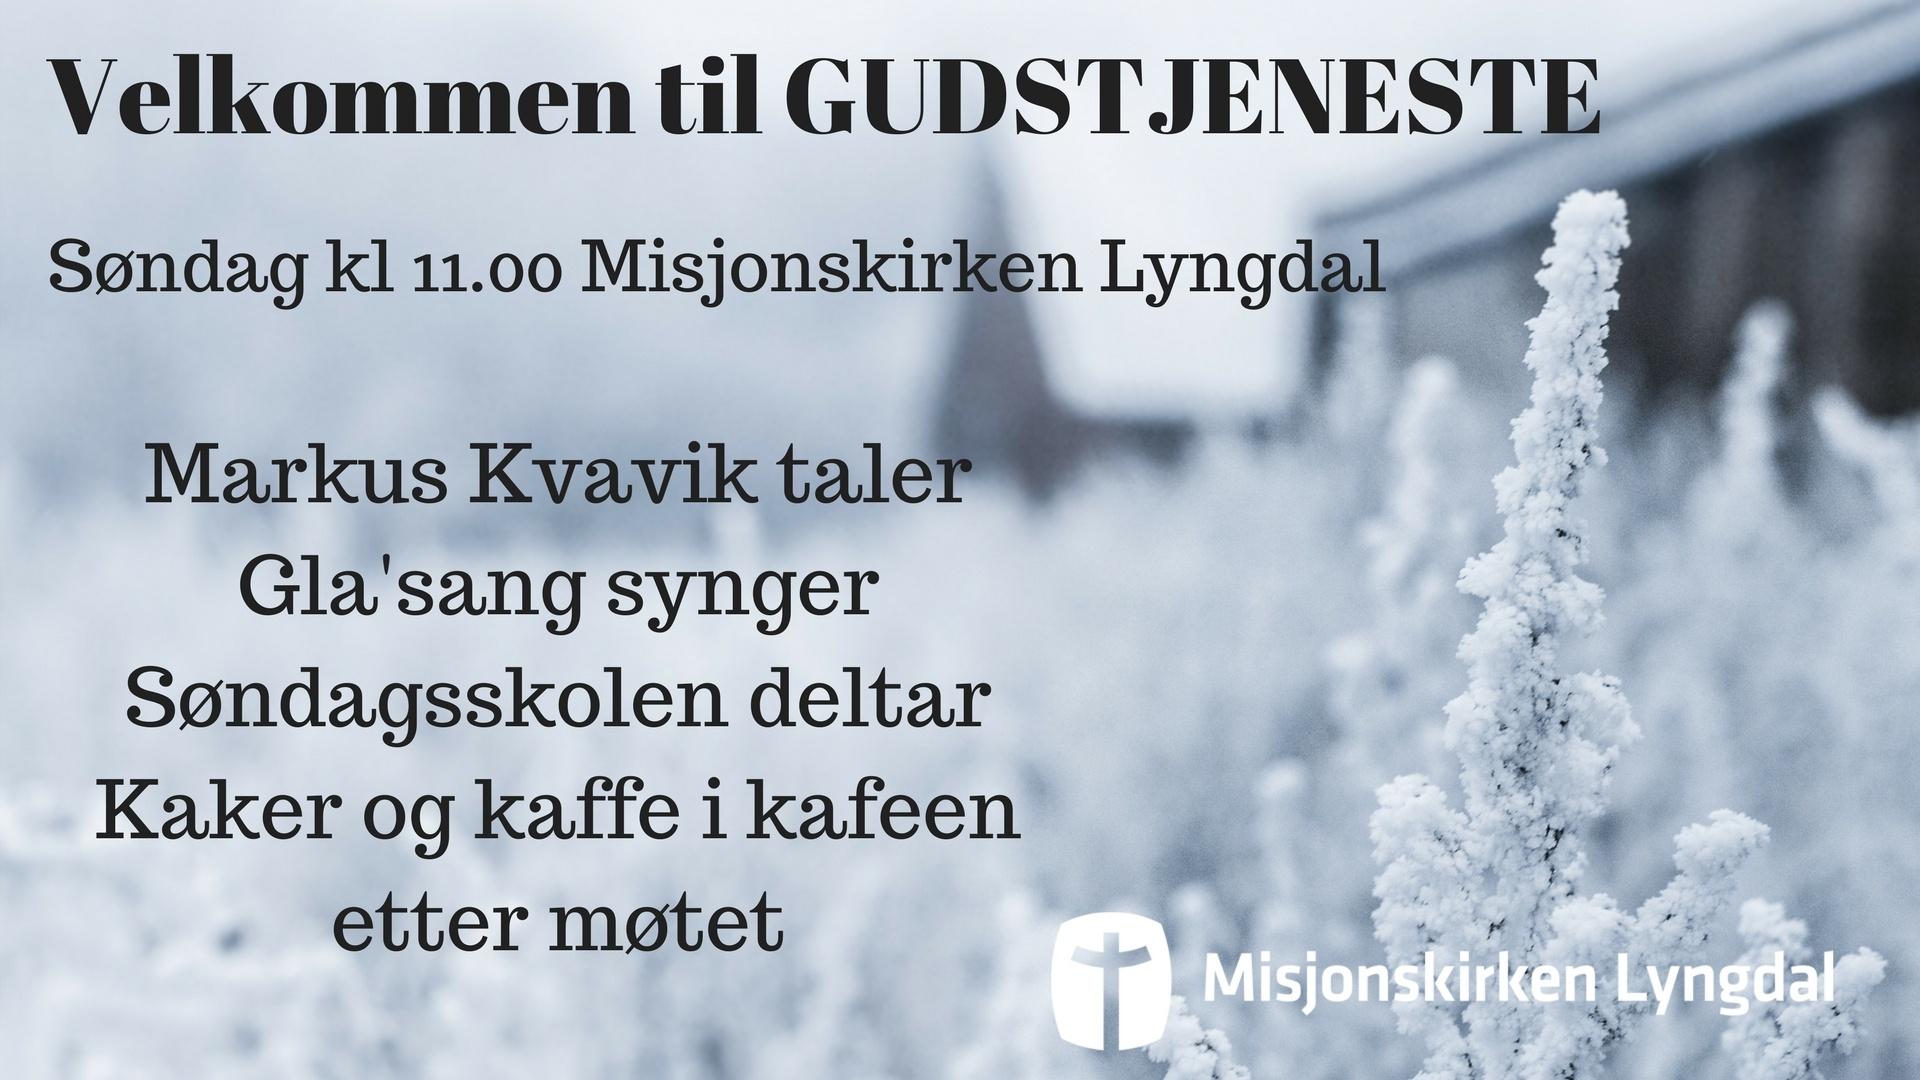 Velkommen til Gudstjeneste søndag 14/1-2018